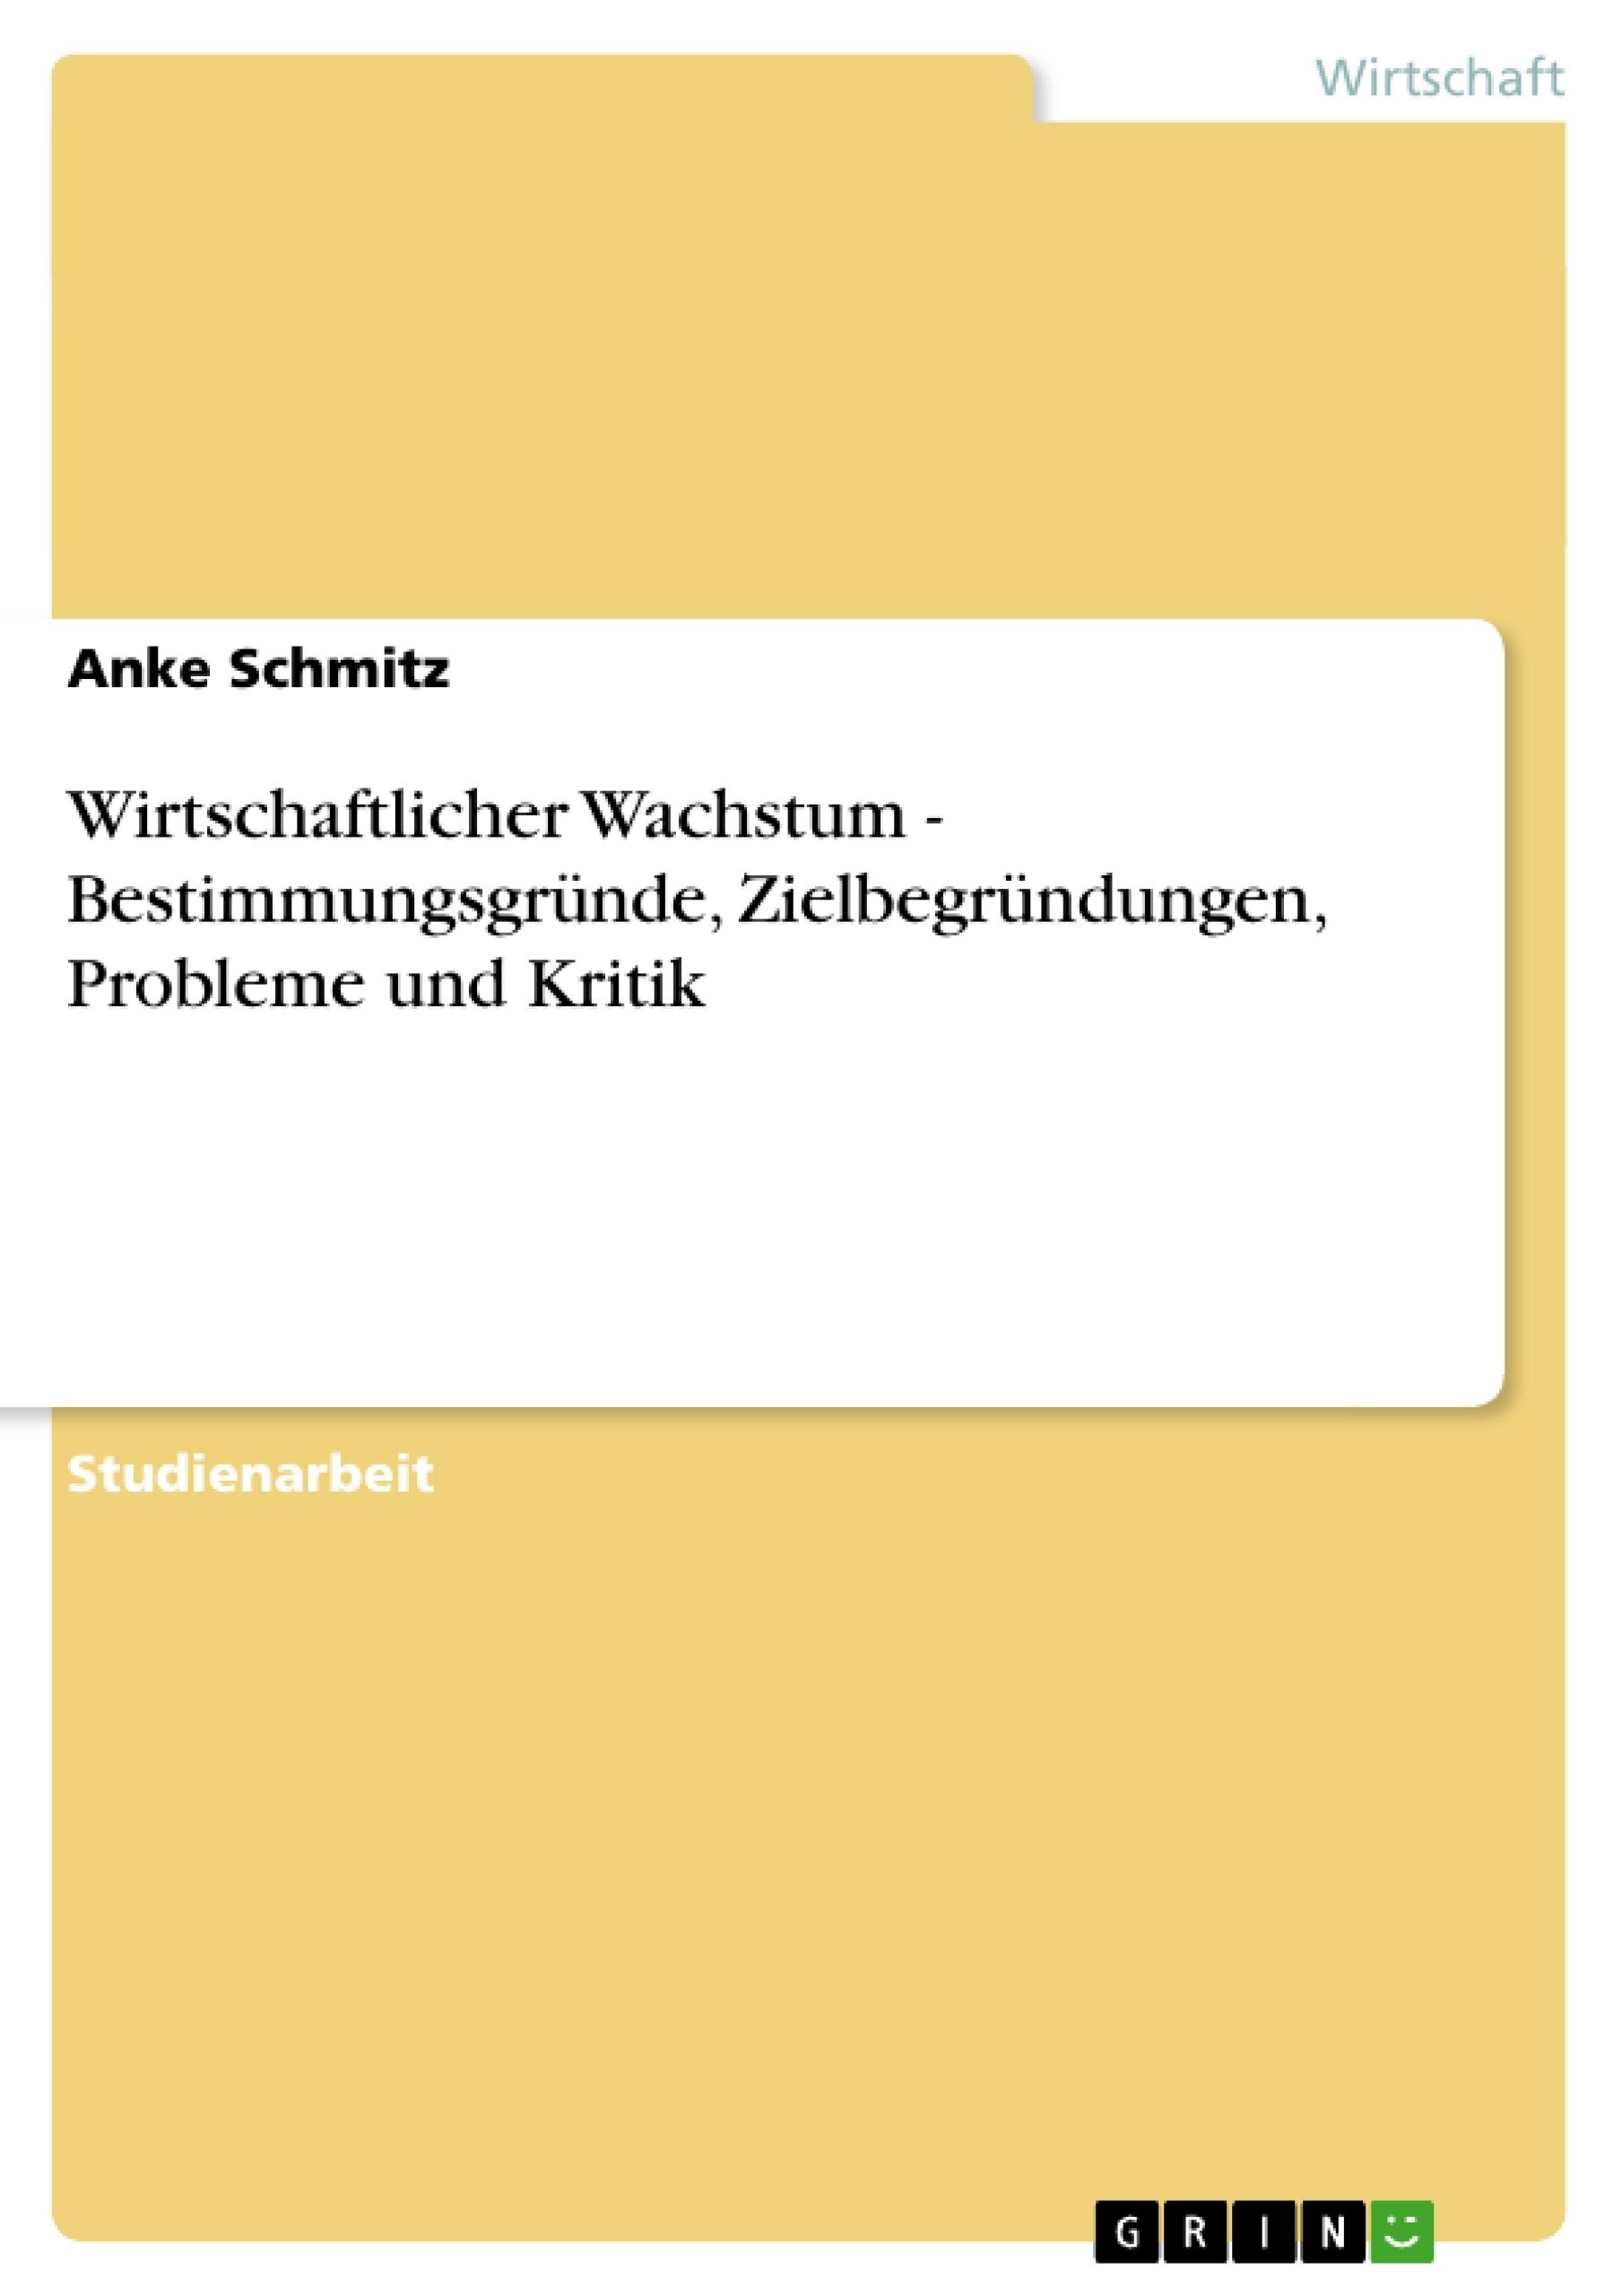 Titel: Wirtschaftlicher Wachstum - Bestimmungsgründe, Zielbegründungen, Probleme und Kritik